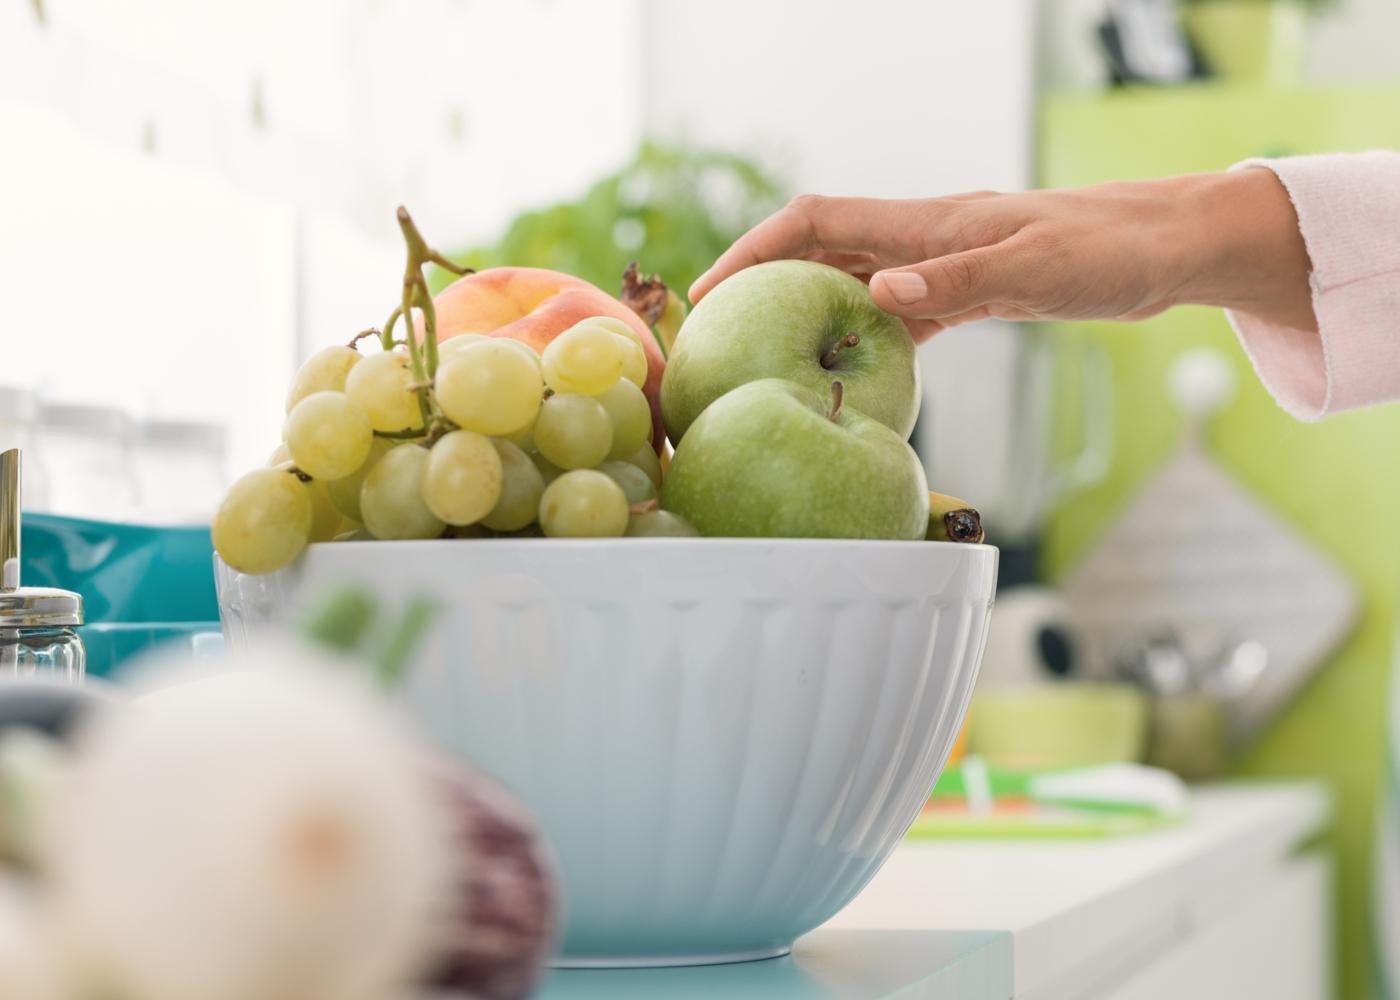 Mulher a tirar uma maça de uma taça com fruta